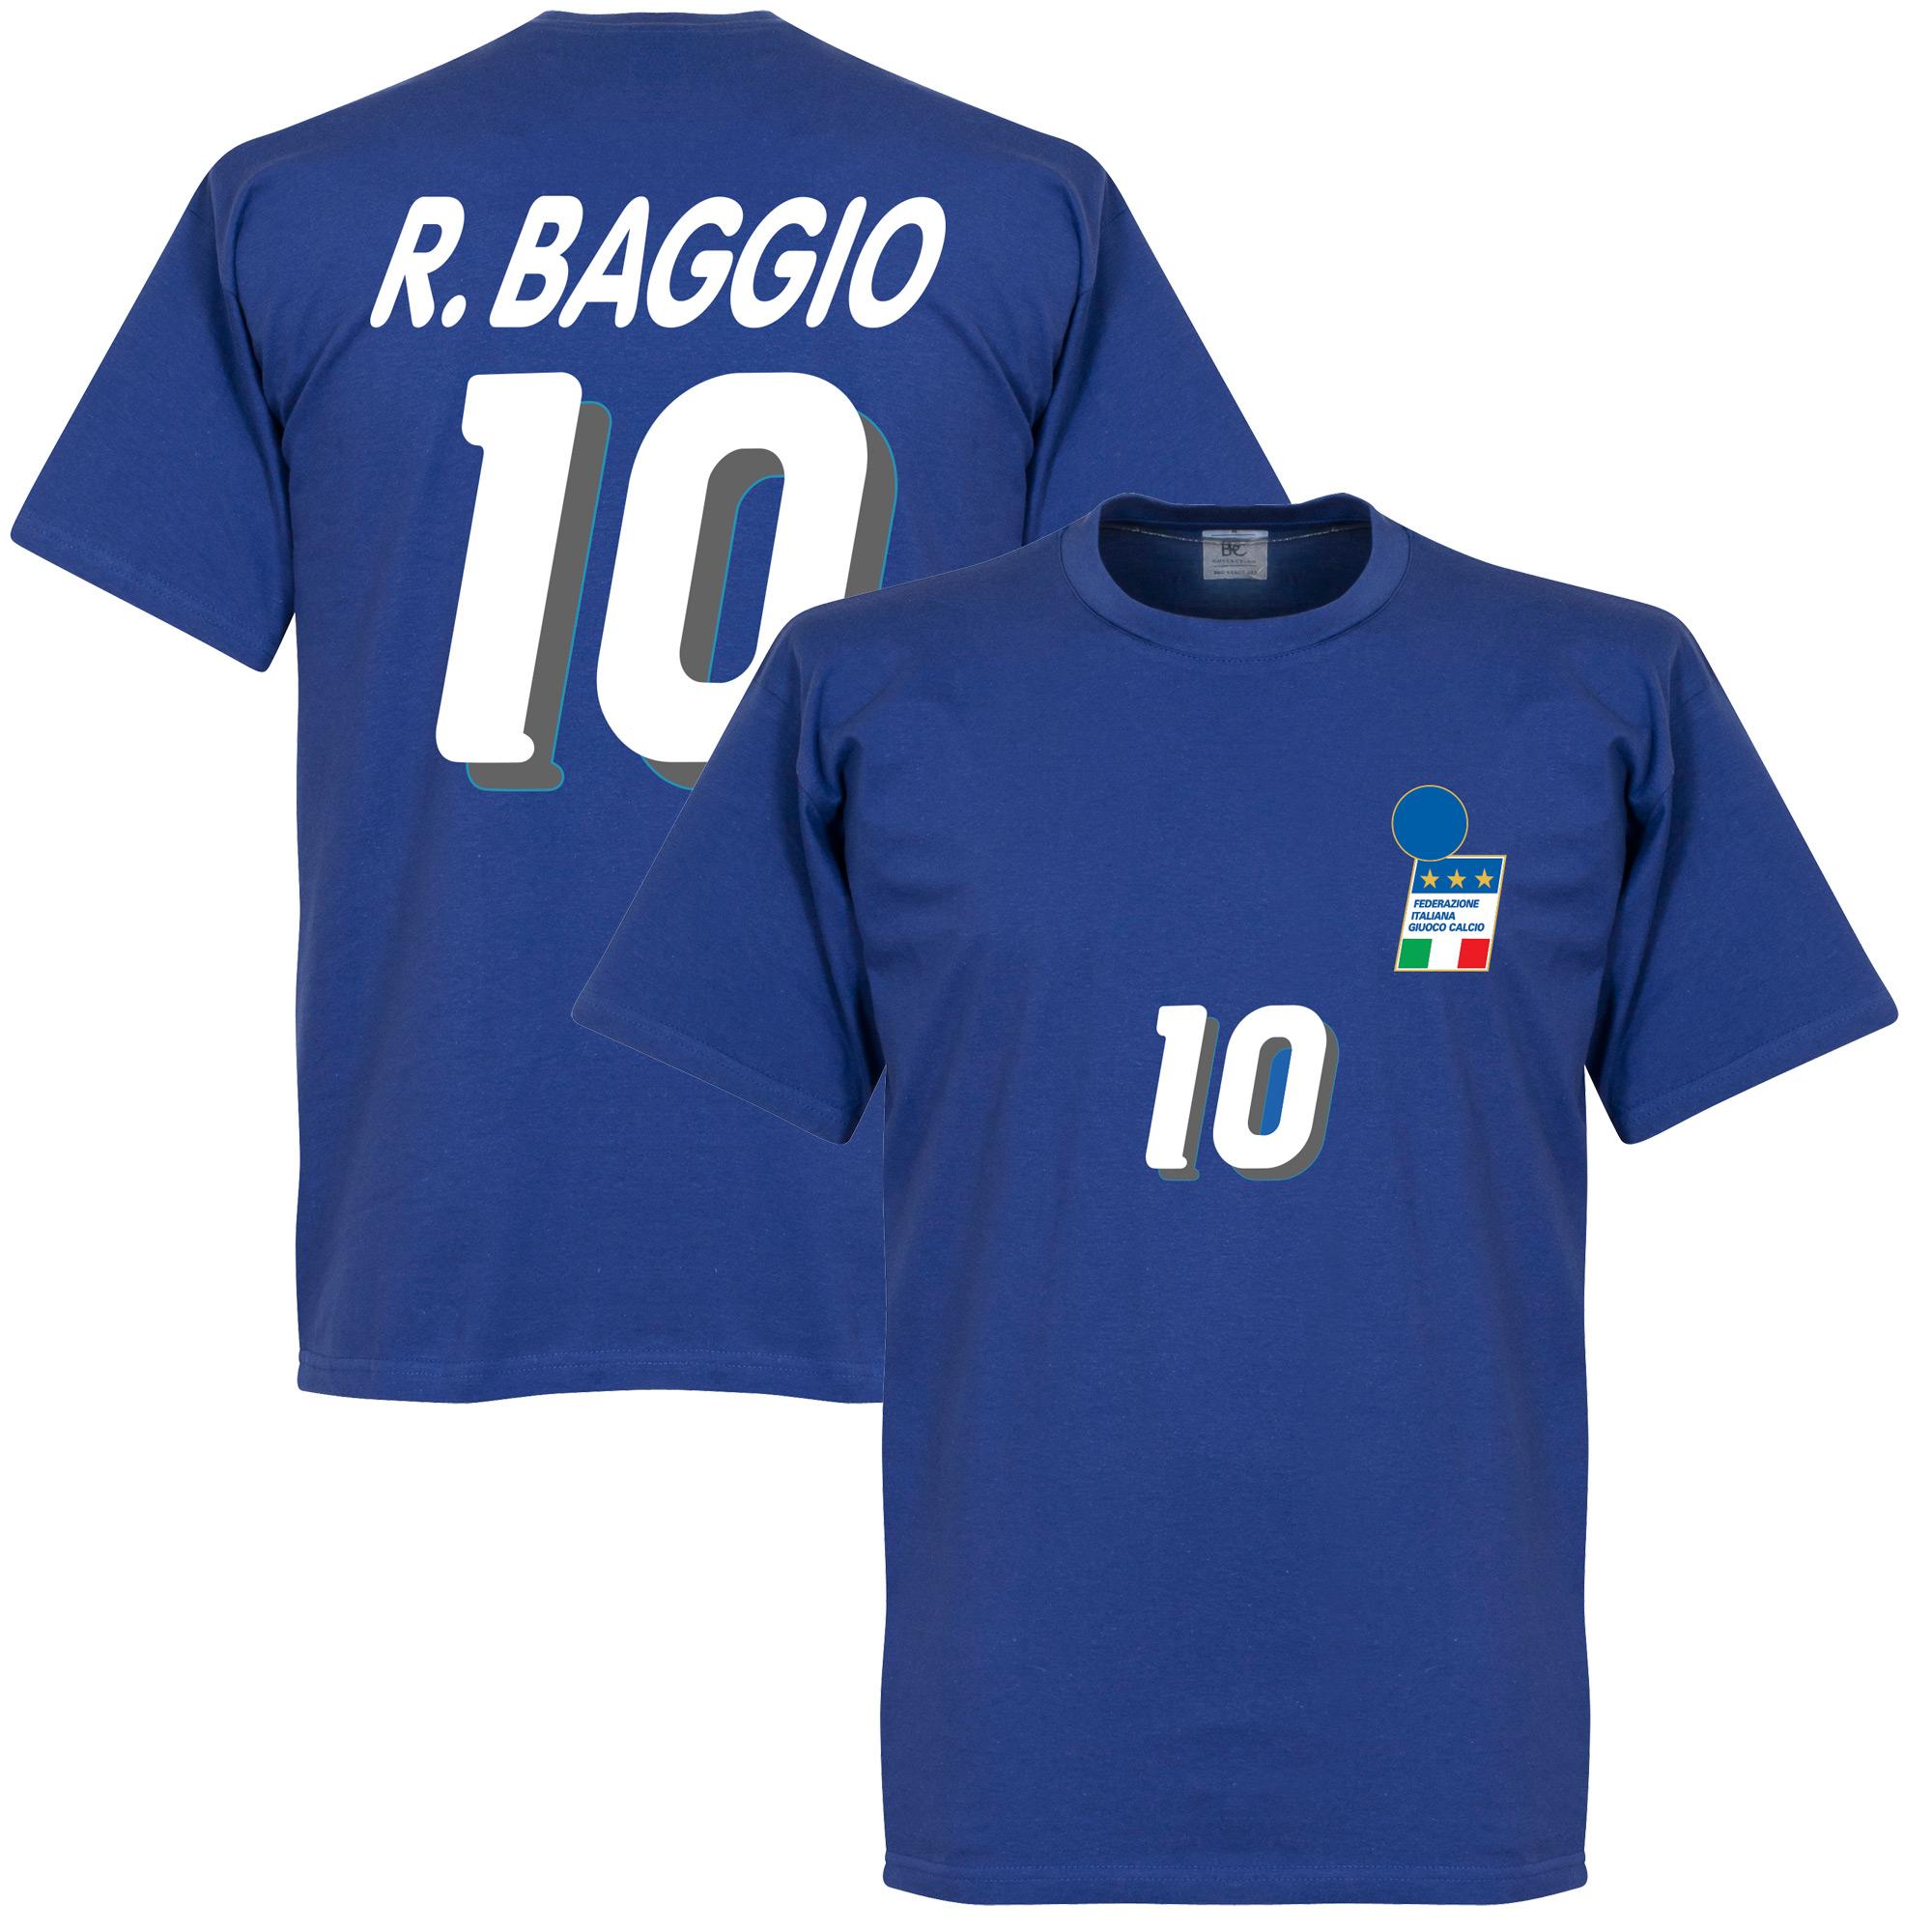 Baggio 1994 Italy Home Boys Tee - 2